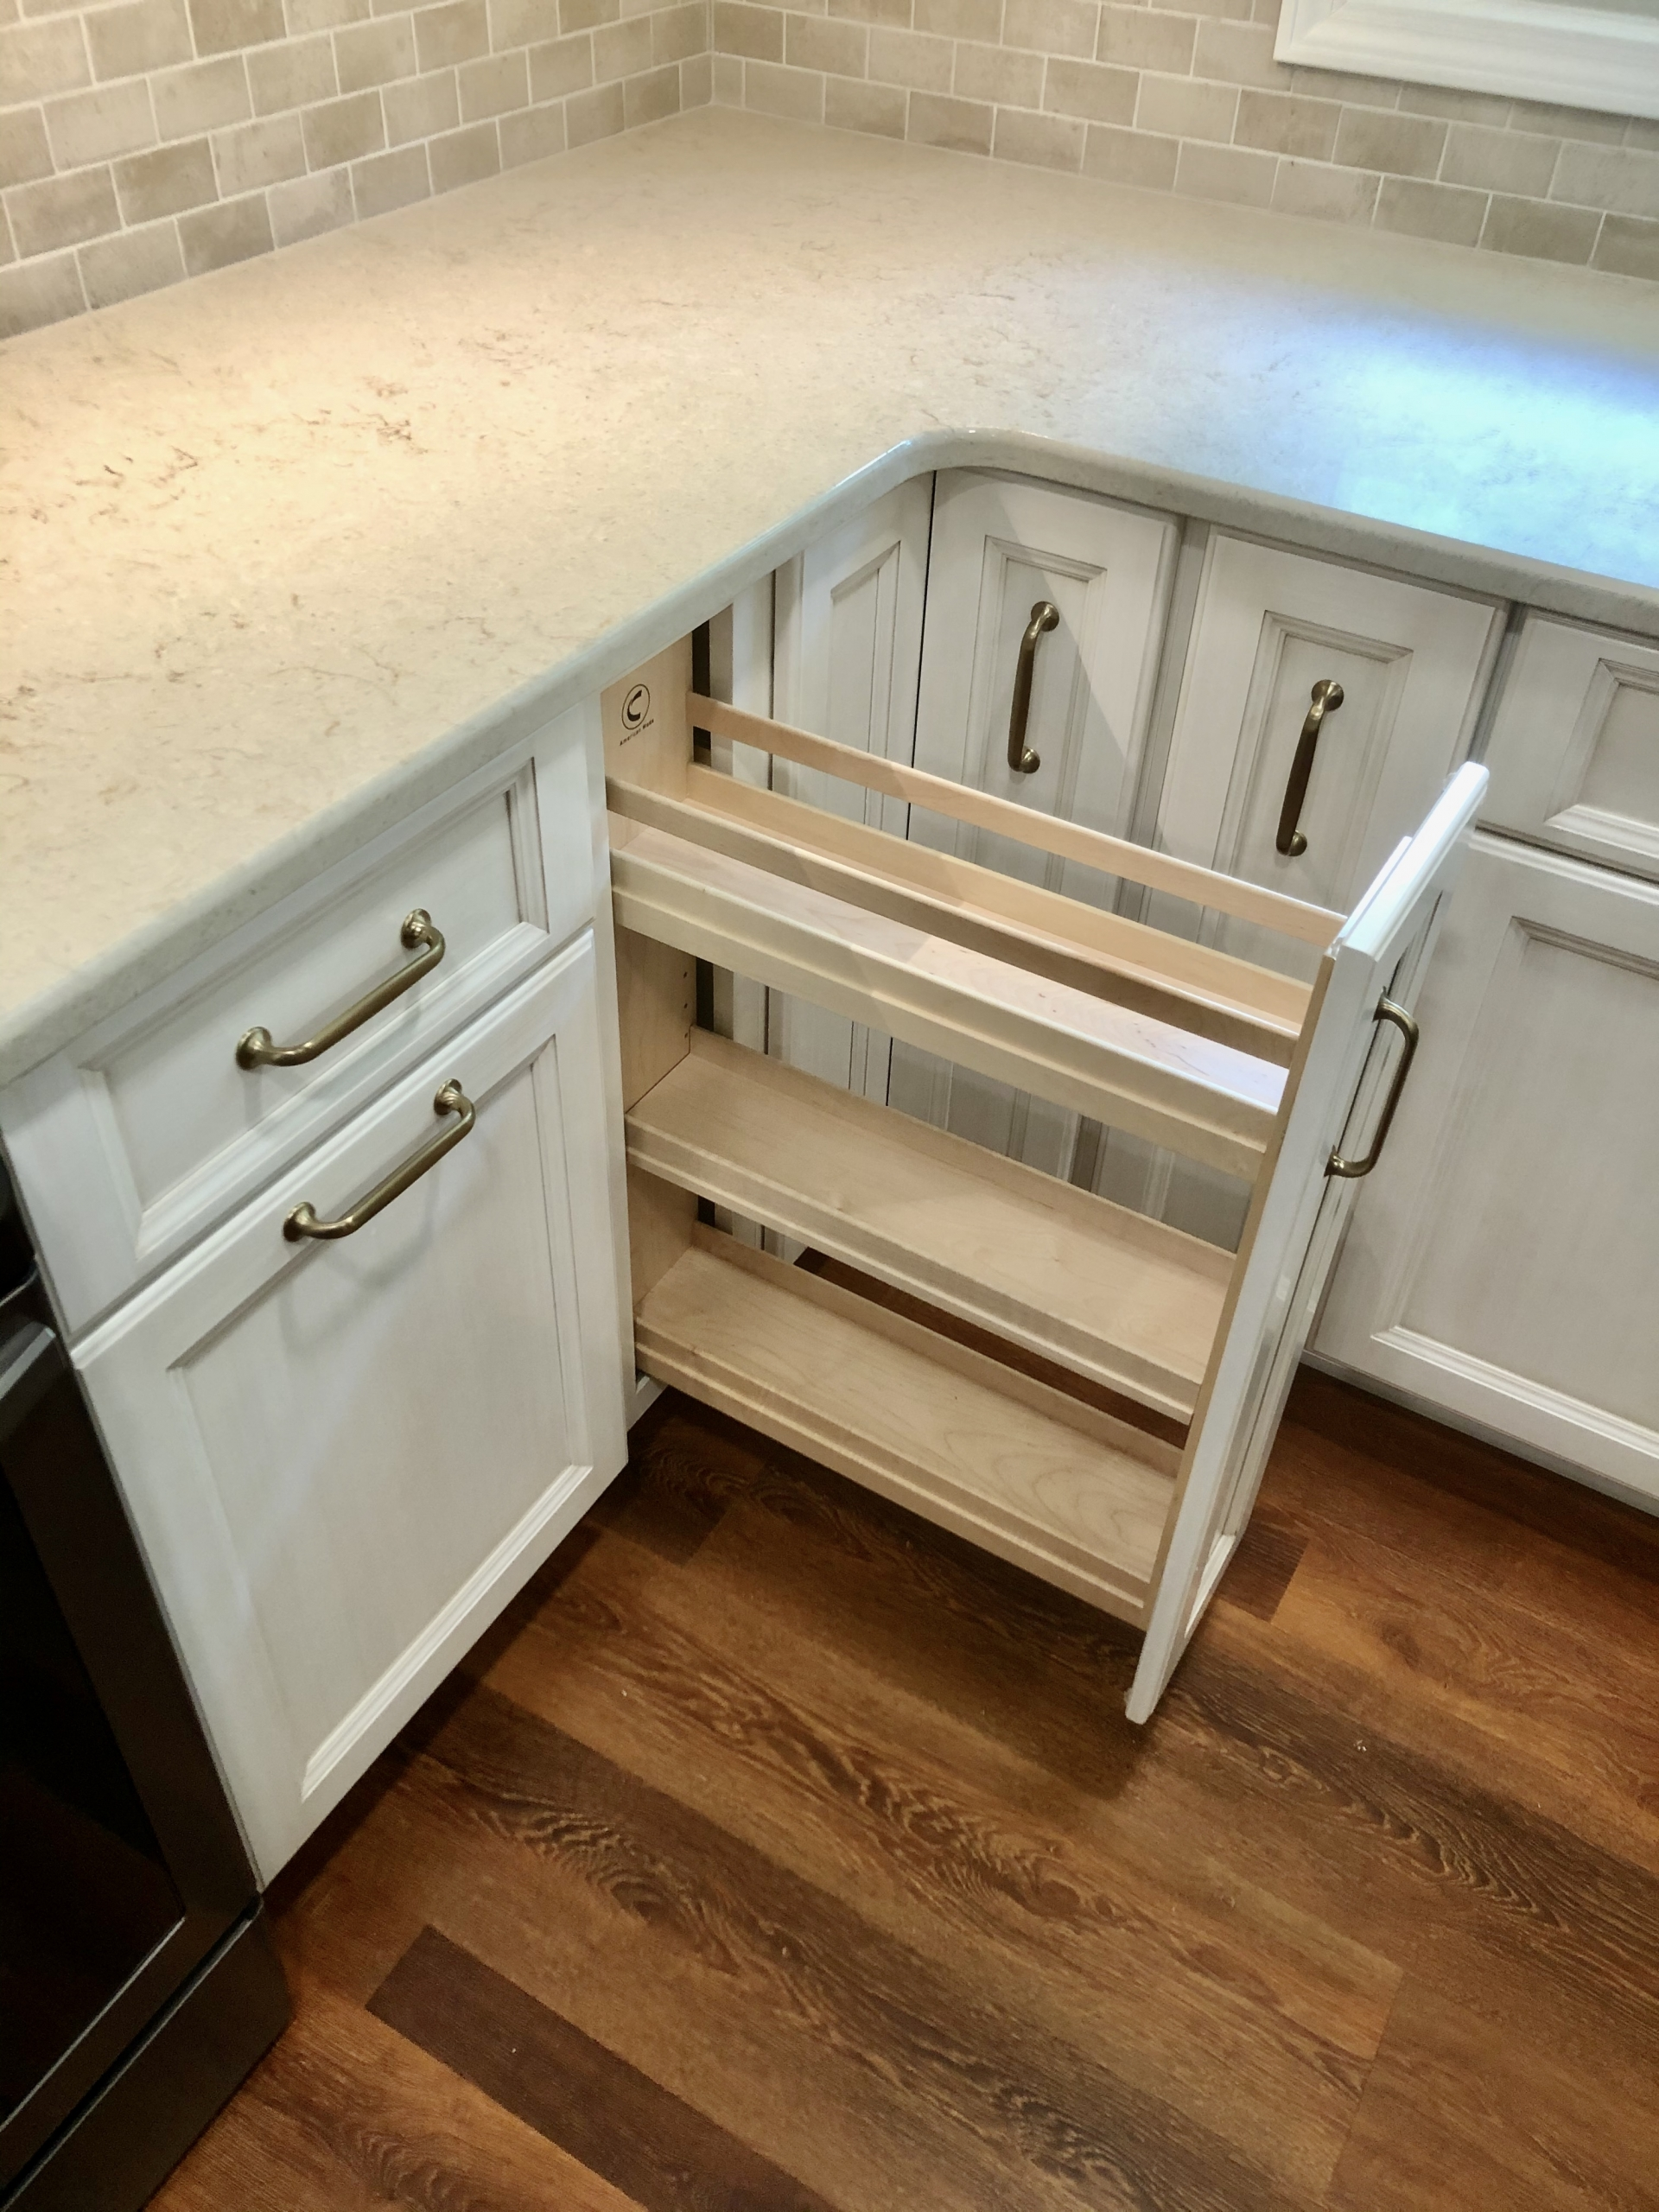 Remodeled Kitchen Slide-Out Drawer